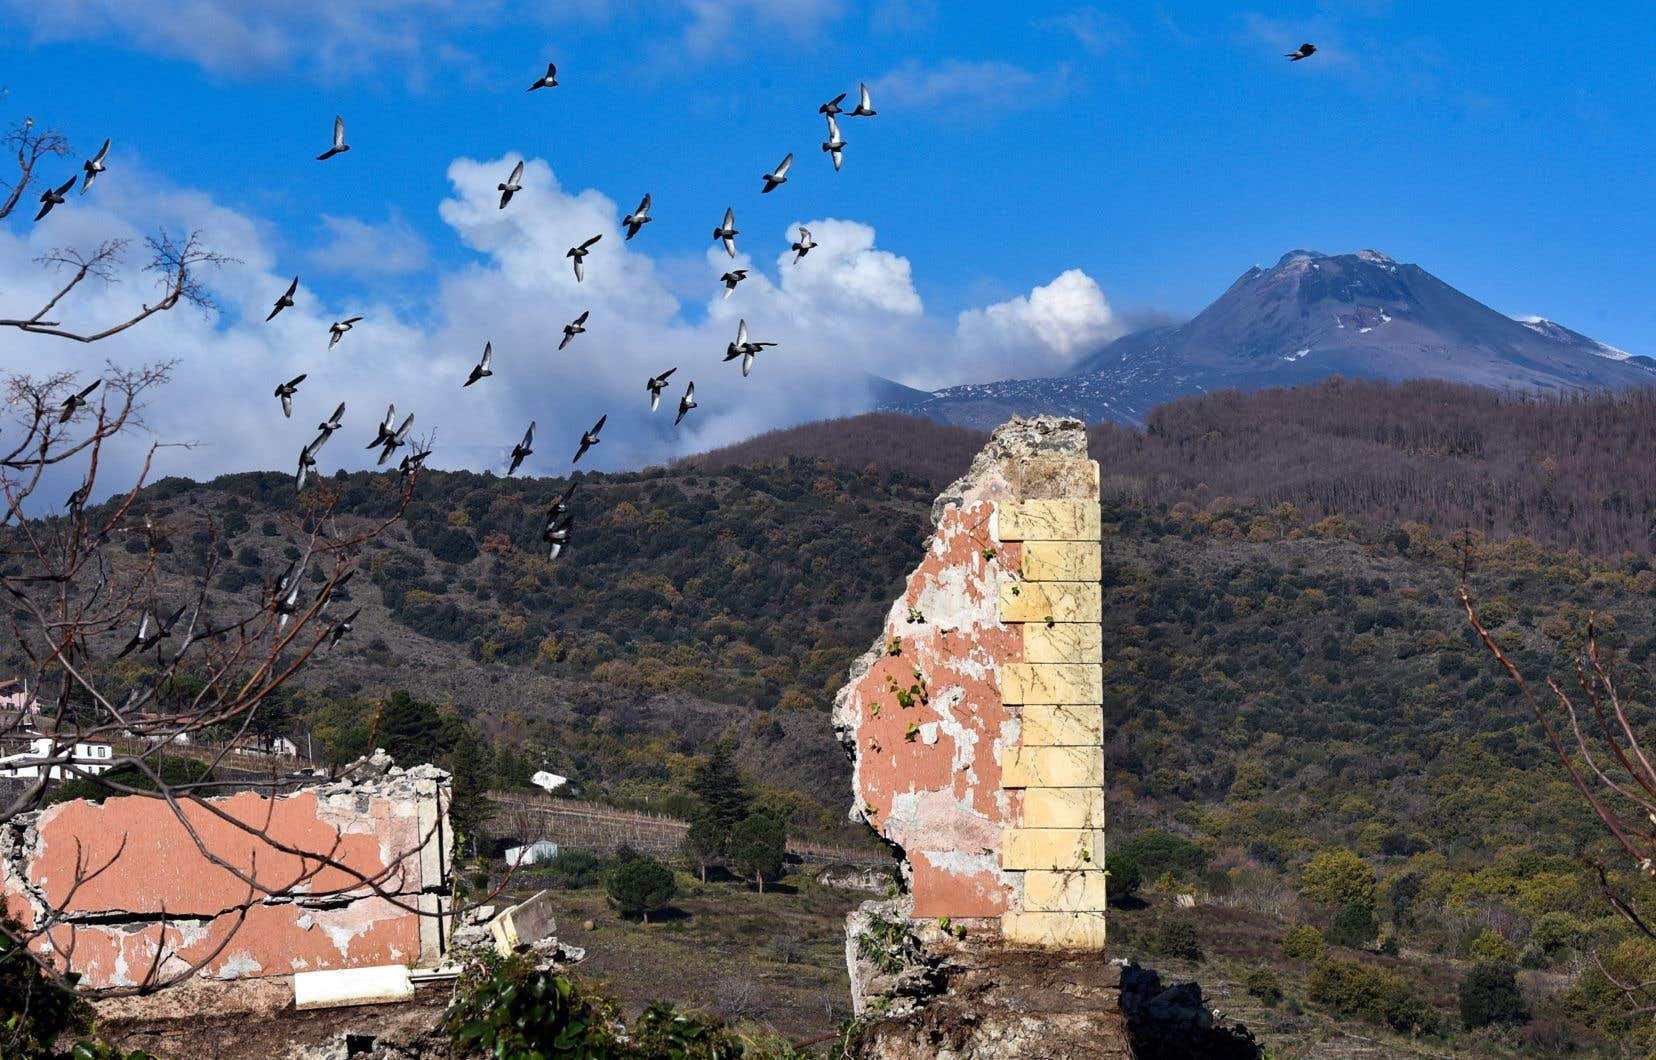 La forte secousse a eu lieu au sud-est du volcan, à 5 km de la mer, où sont situées des petites communes agricoles et viticoles.